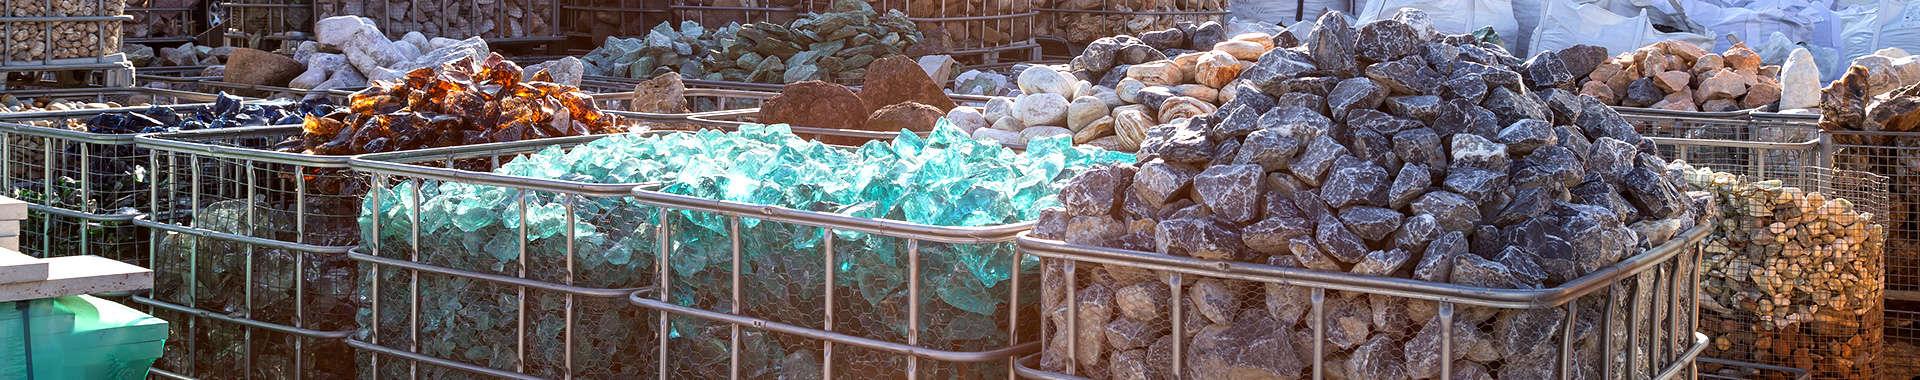 In Remseck bieten wir Ihnen eine große Auswahl an hochwertigen Natursteinen